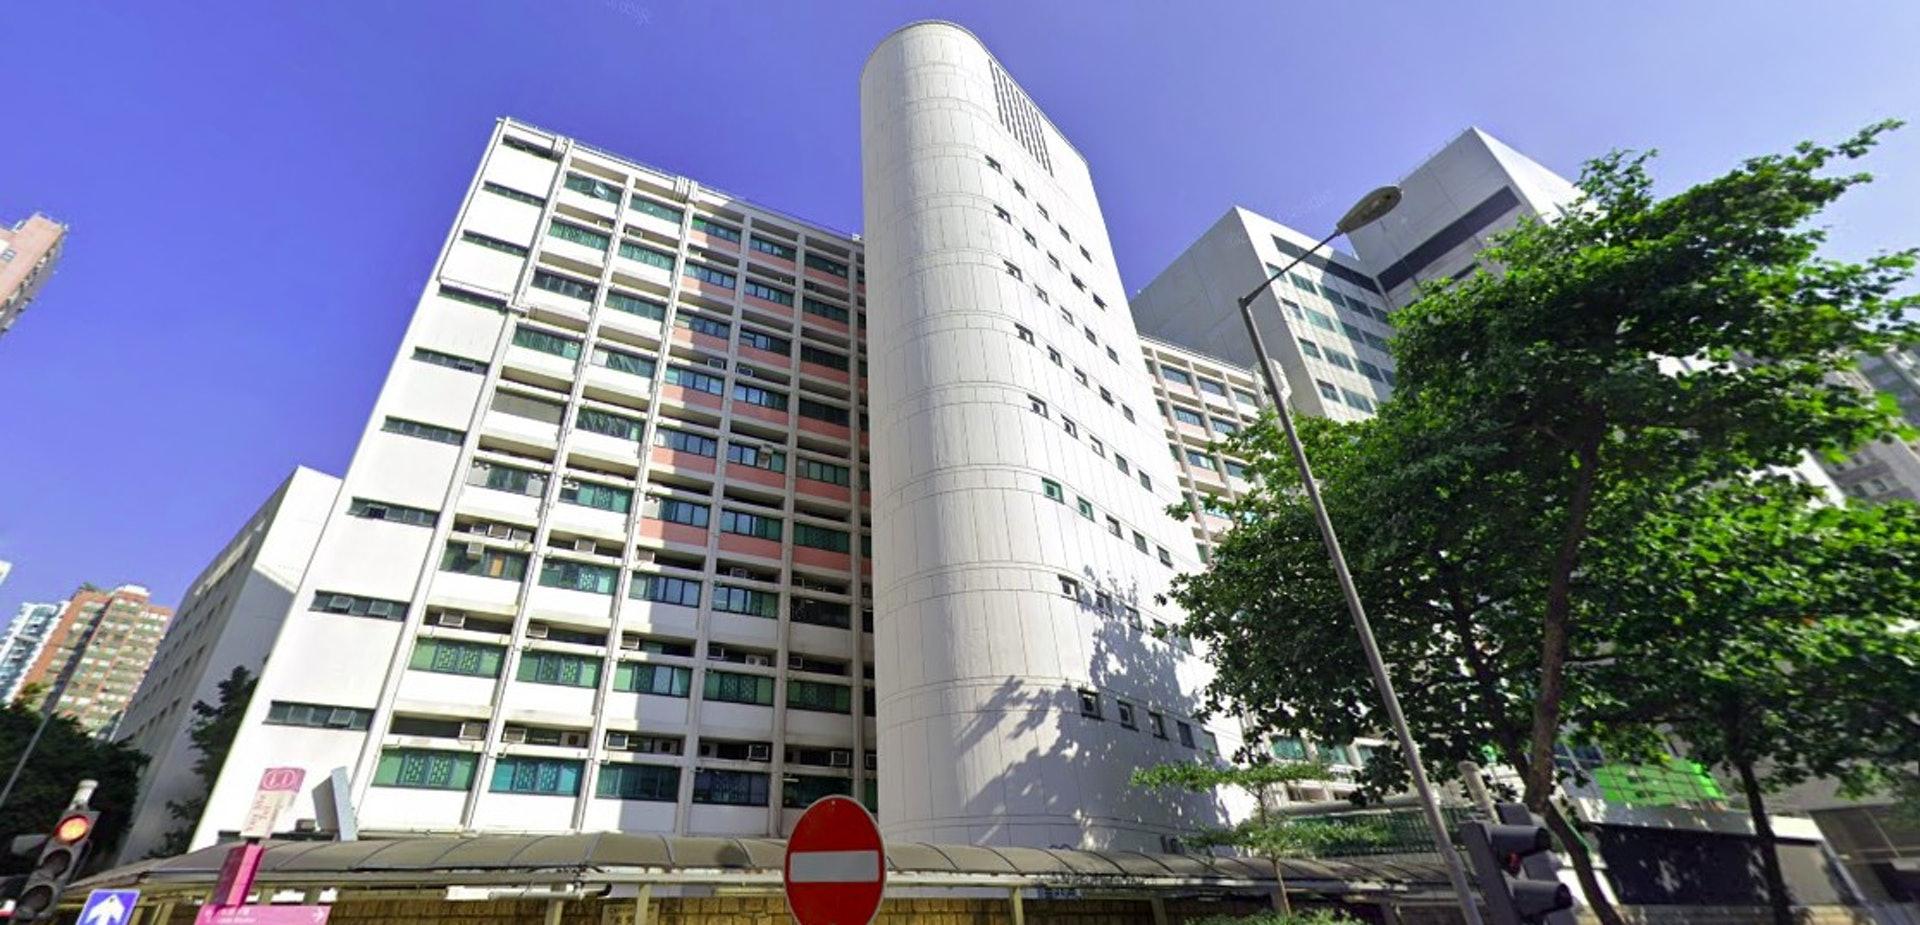 油麻地母嬰健康院曾有確診人士到訪,健康院今日(14日)關閉消毒。(googlemap截圖)